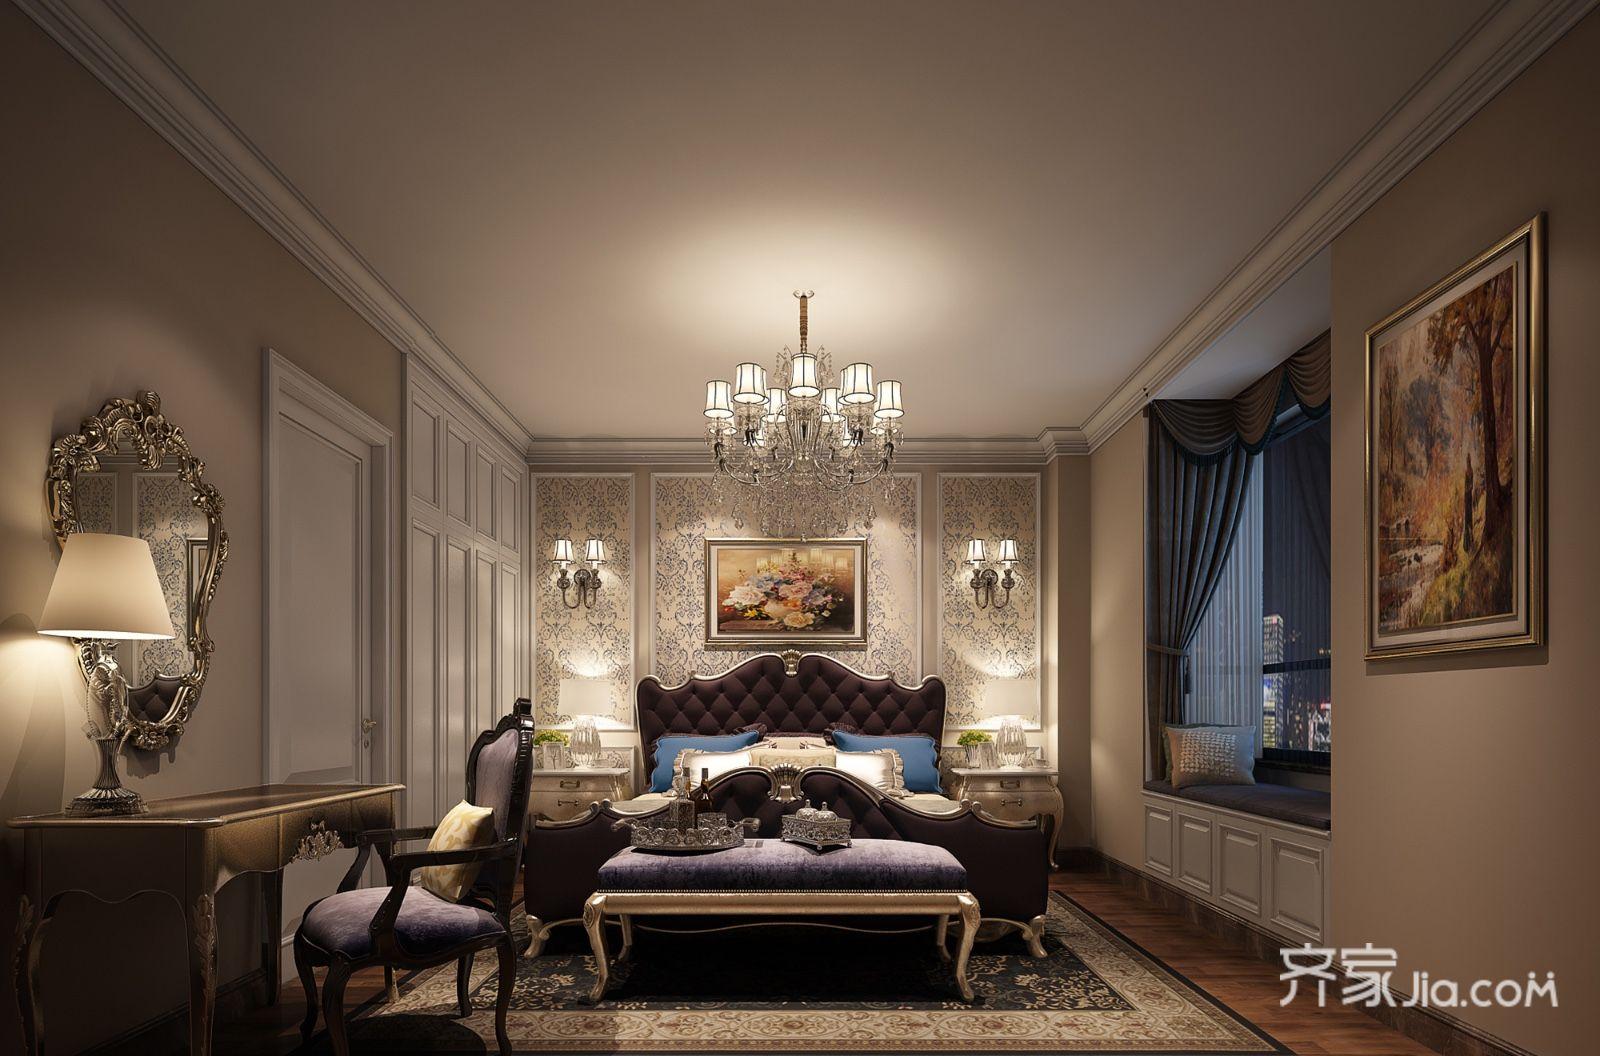 华丽大气的欧式风格装修卧室设计图